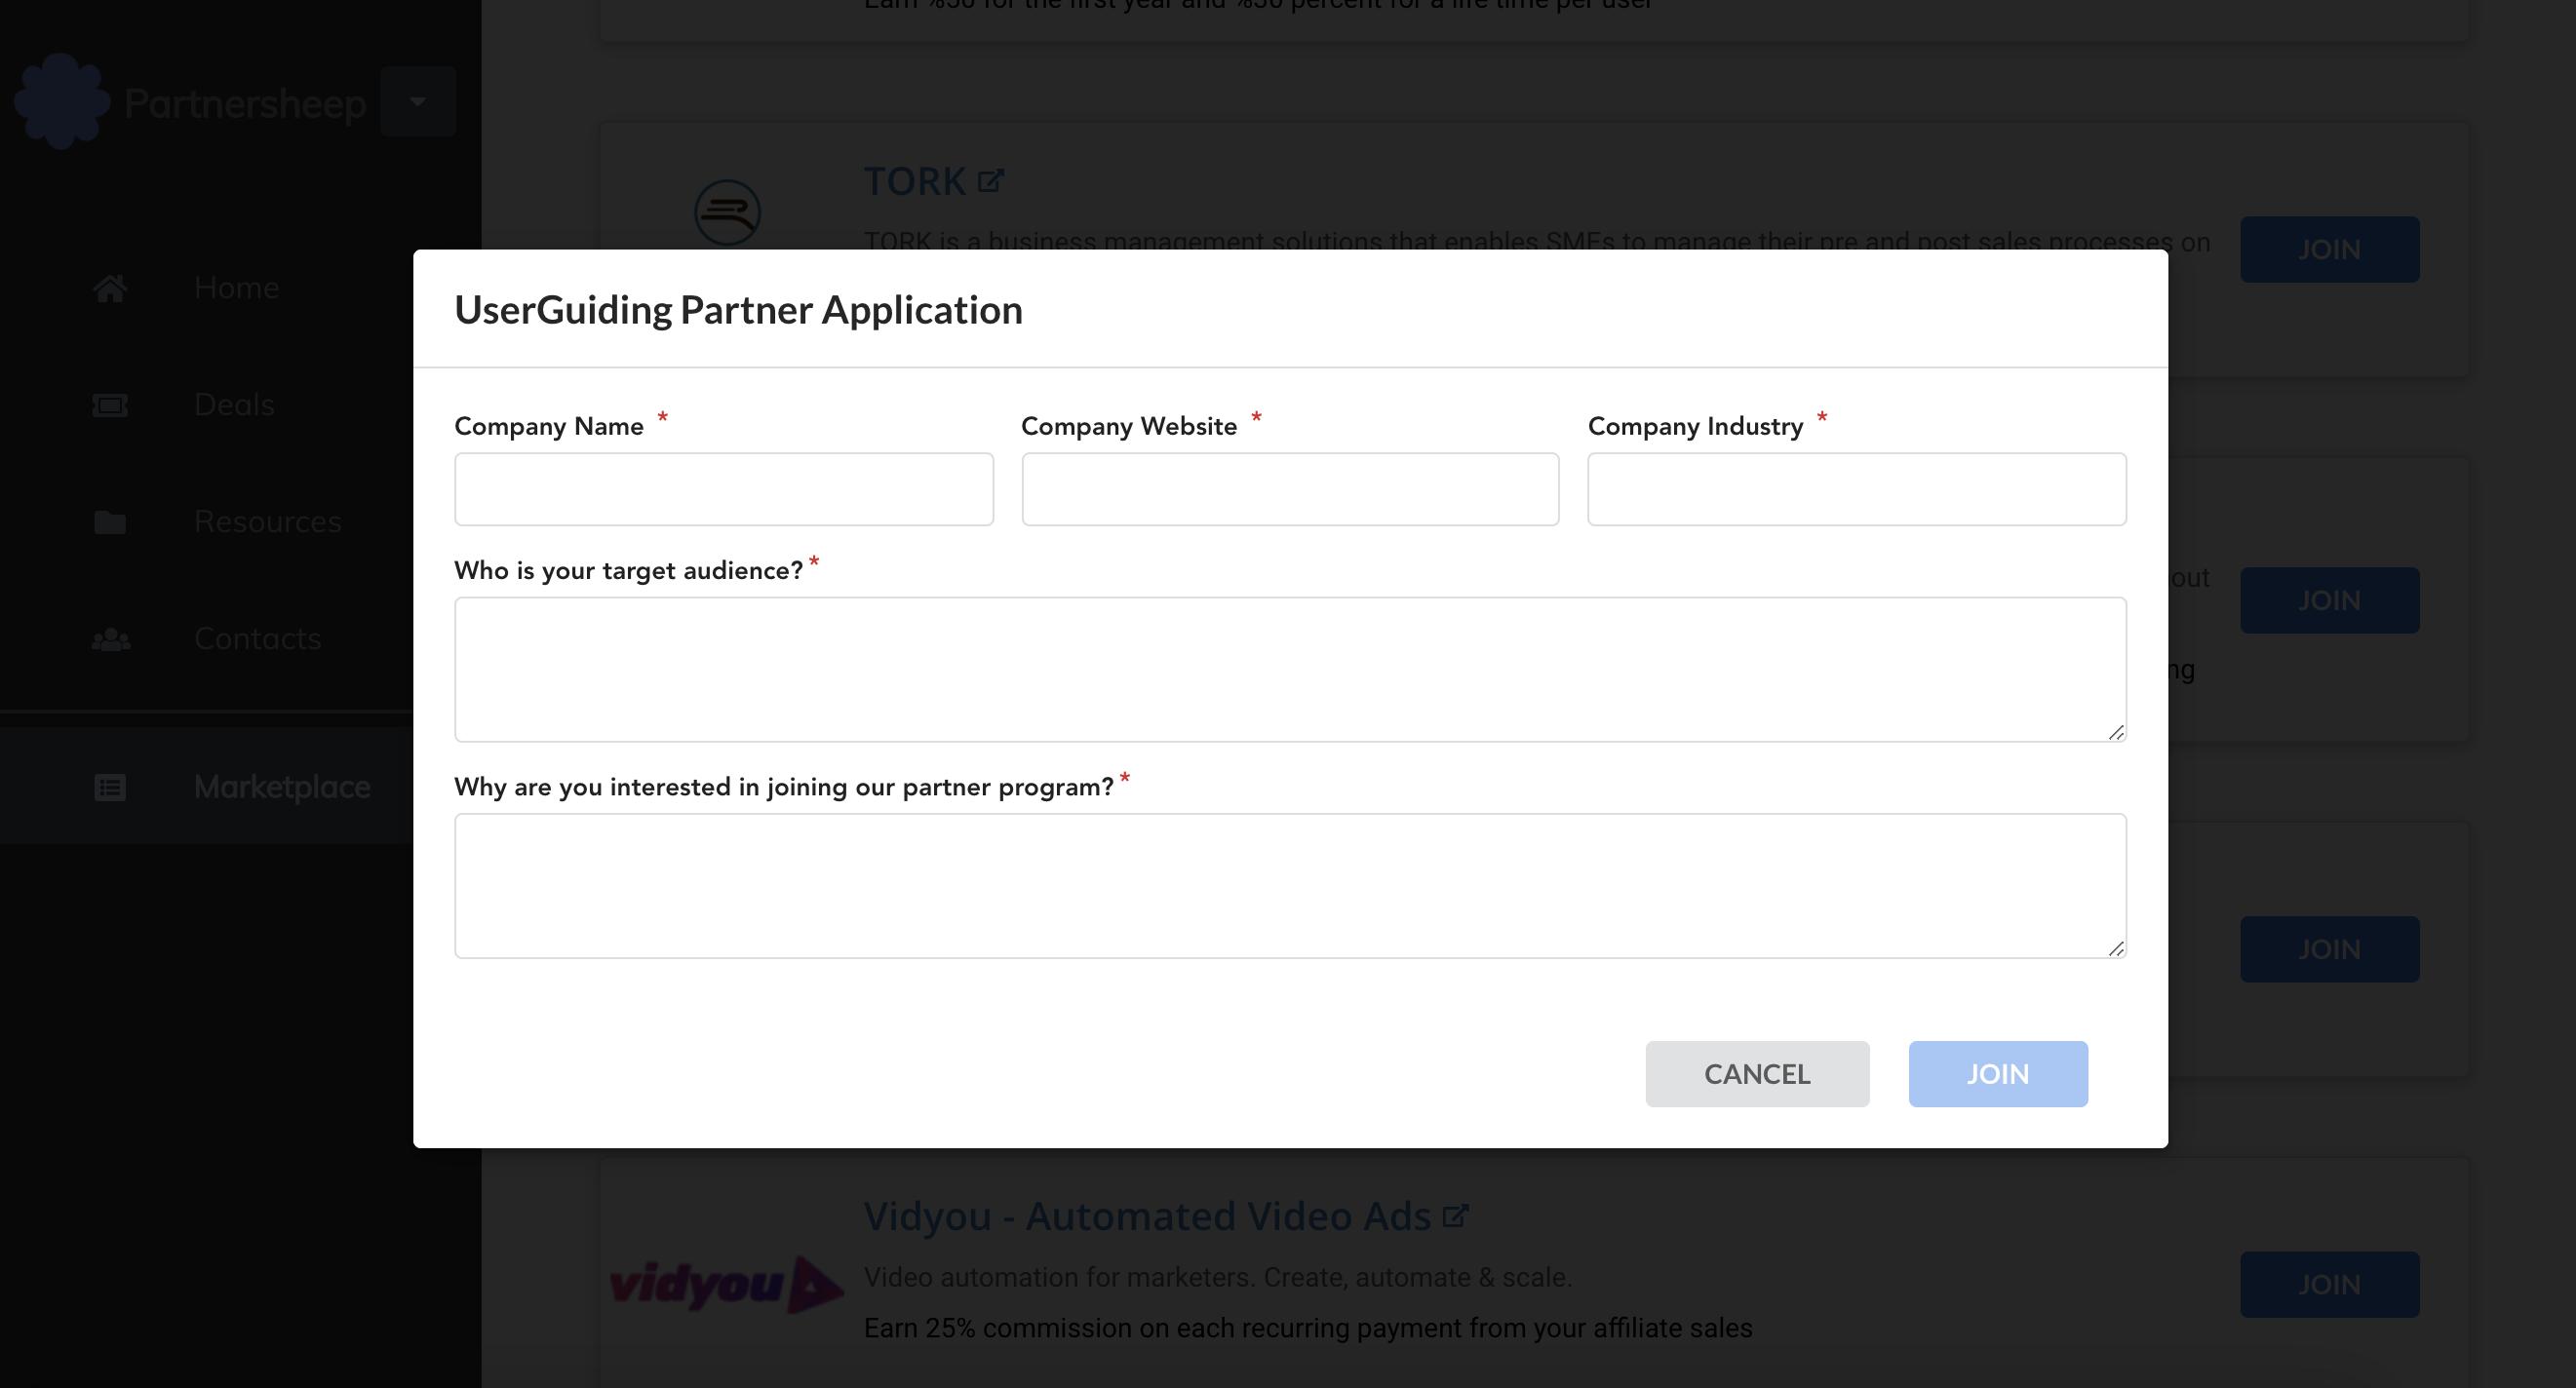 Apply for a partner program